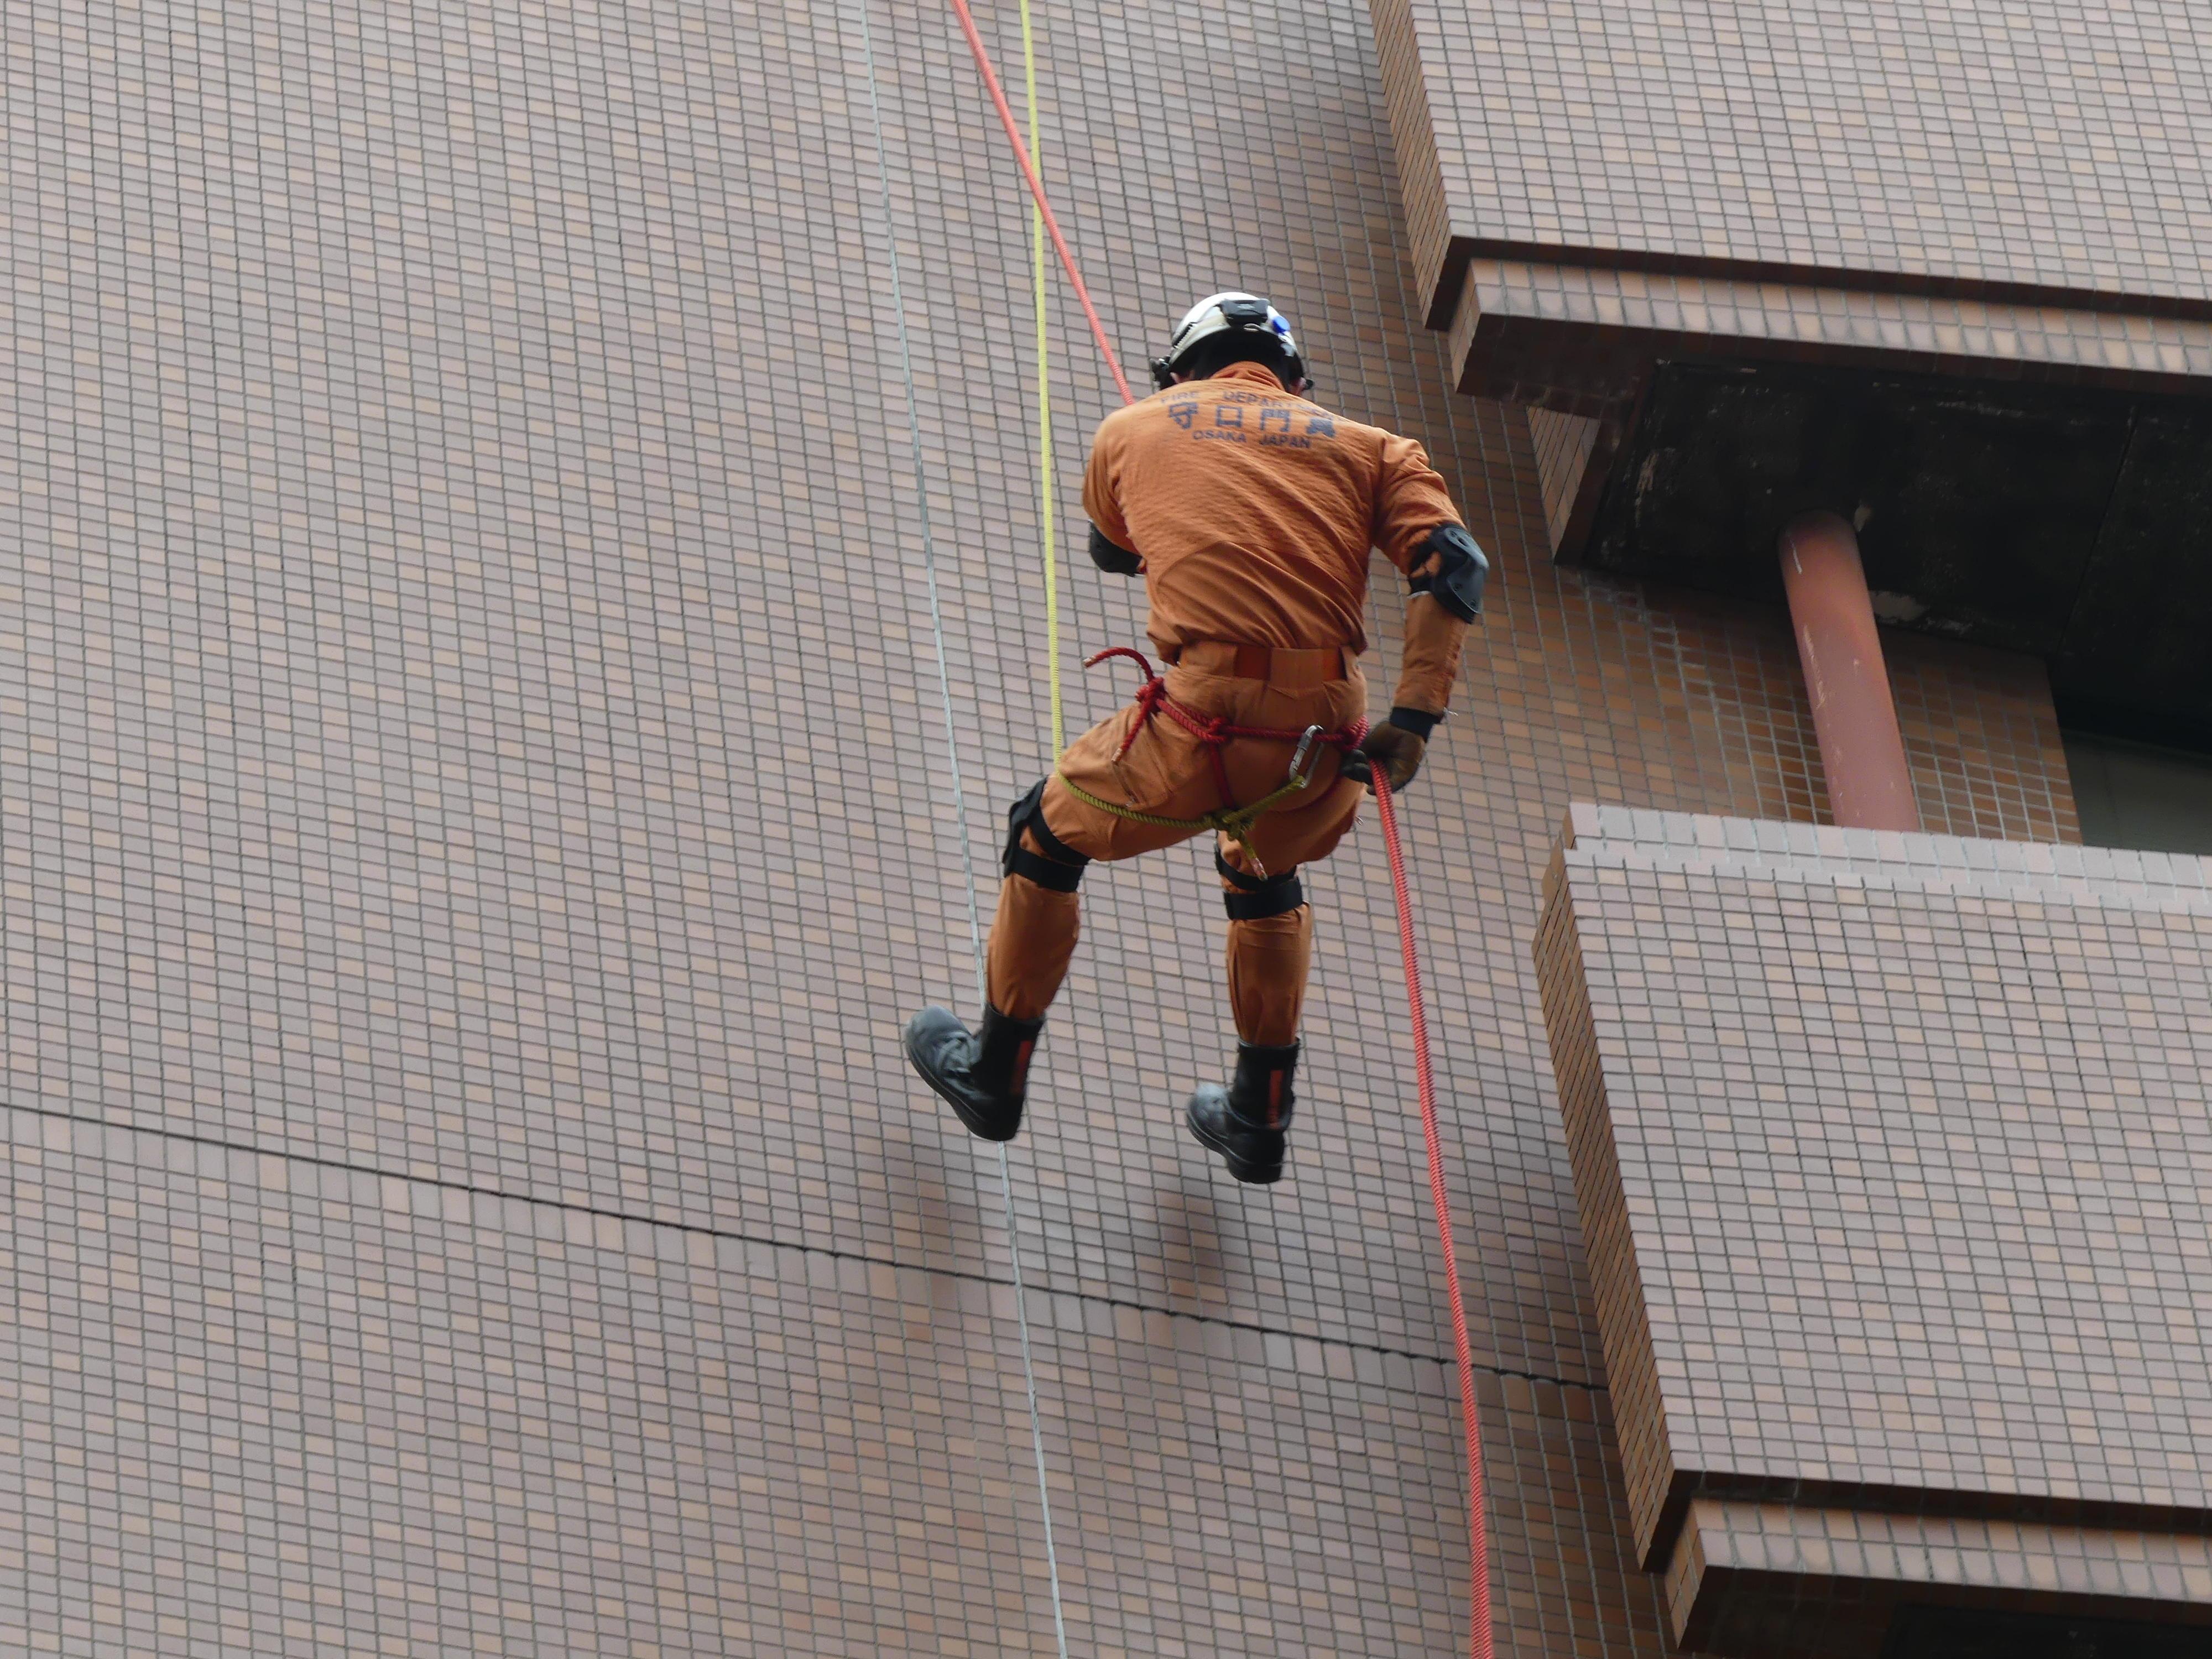 大阪国際大学・短期大学部が近隣住民や学生生徒を対象に、災害避難訓練などの「OIU・OIC 防災フェスタ2019」を2月24日(日)に開催